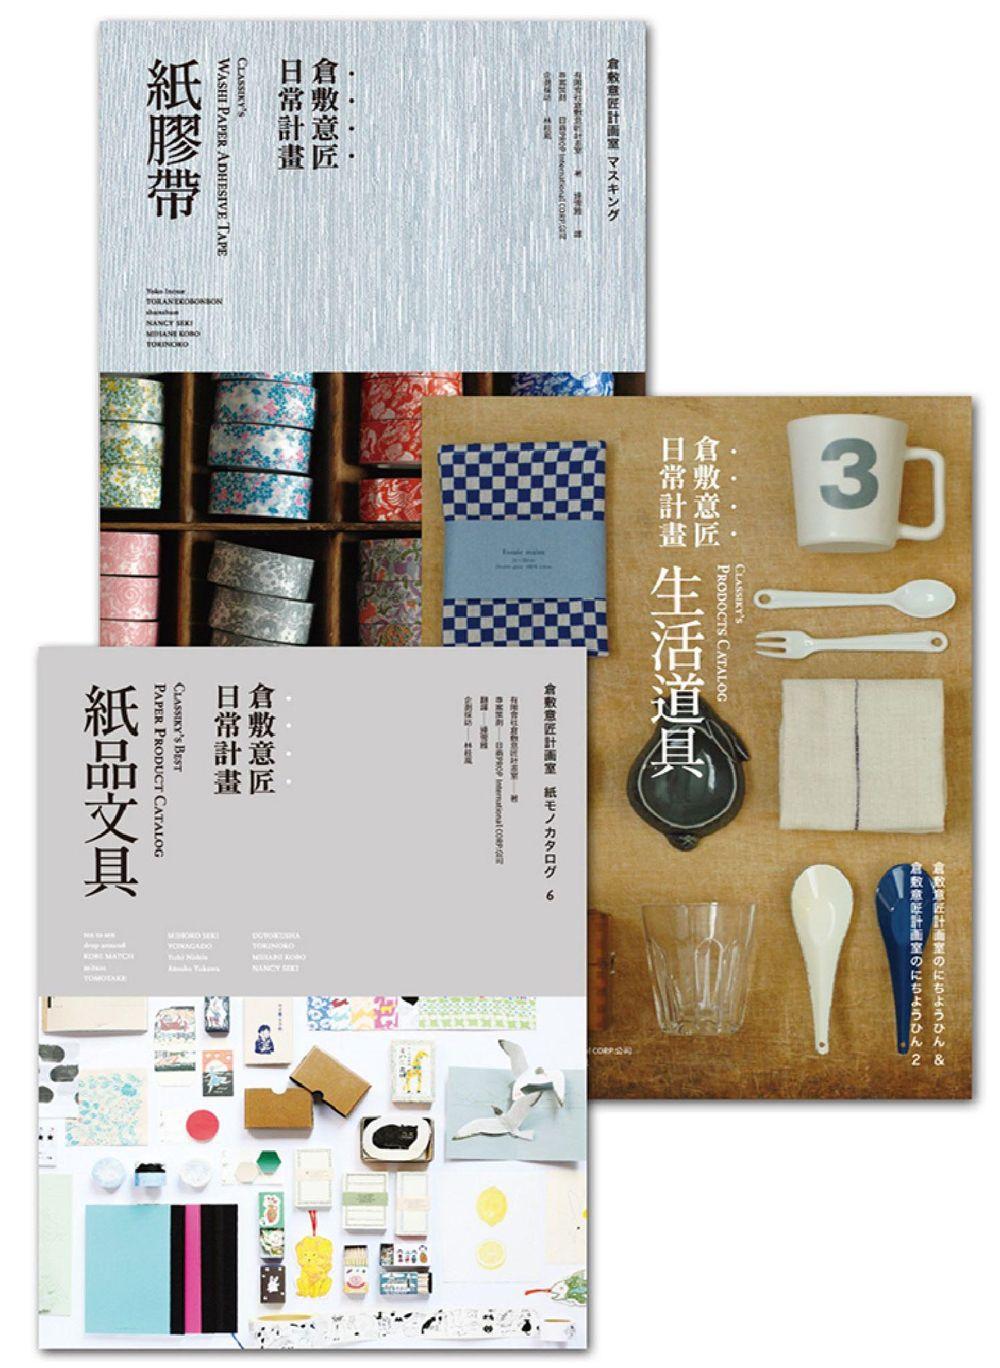 倉敷意匠日常計畫:紙品文具+生活道具 (套書加贈「倉敷意匠日常計畫:紙膠帶」特刊) (電子書)